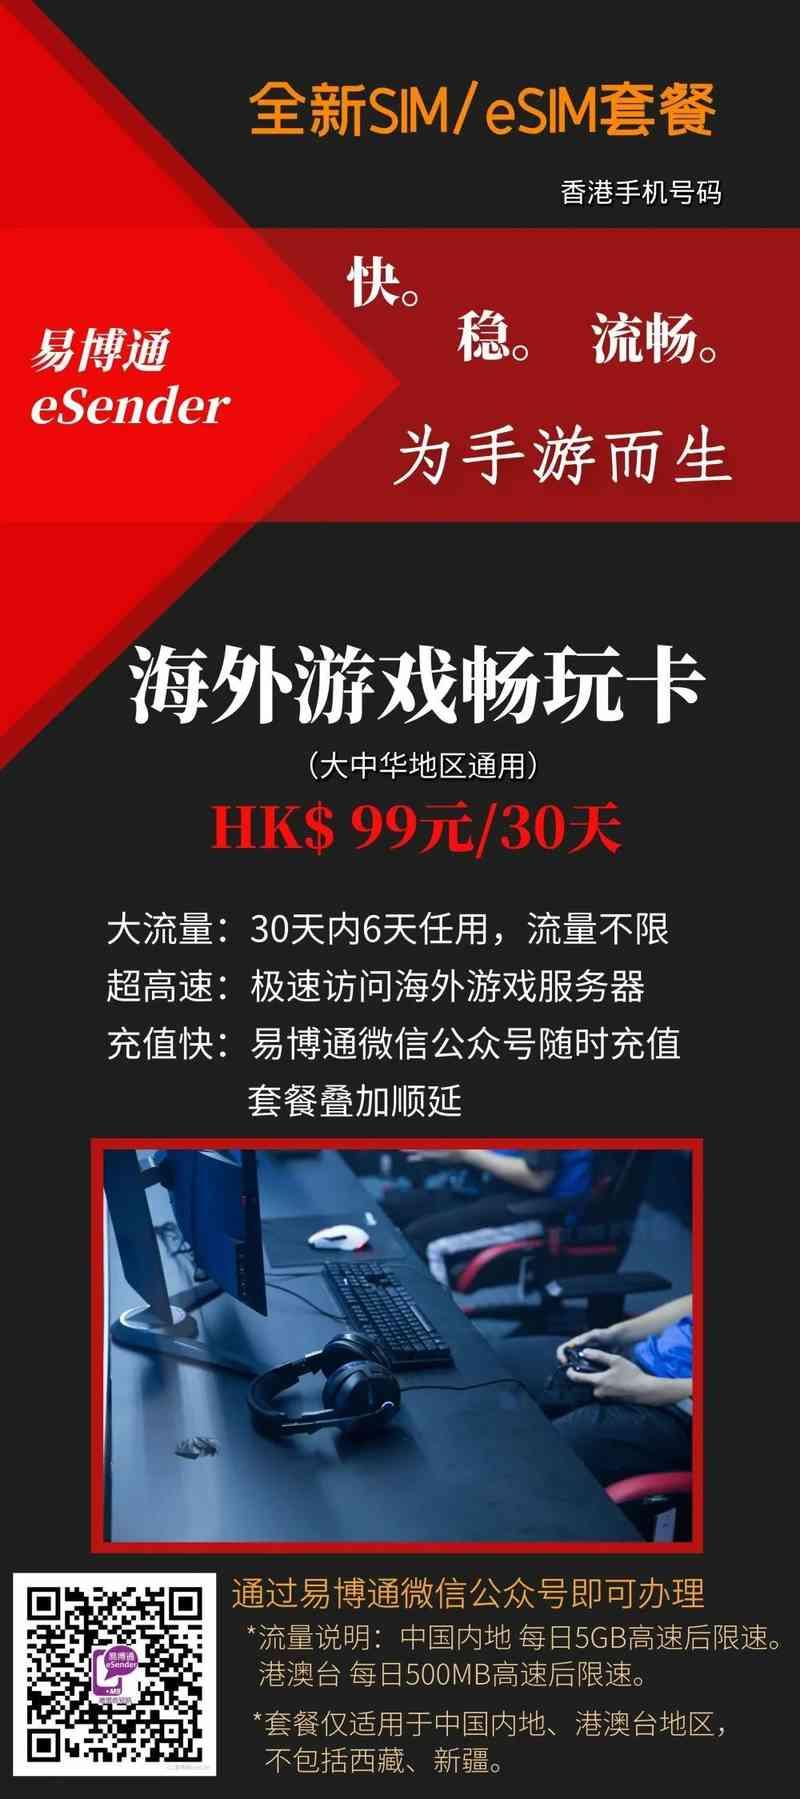 香港手机号码无限流量卡套餐4G不限流量电话SIM卡/eSIM